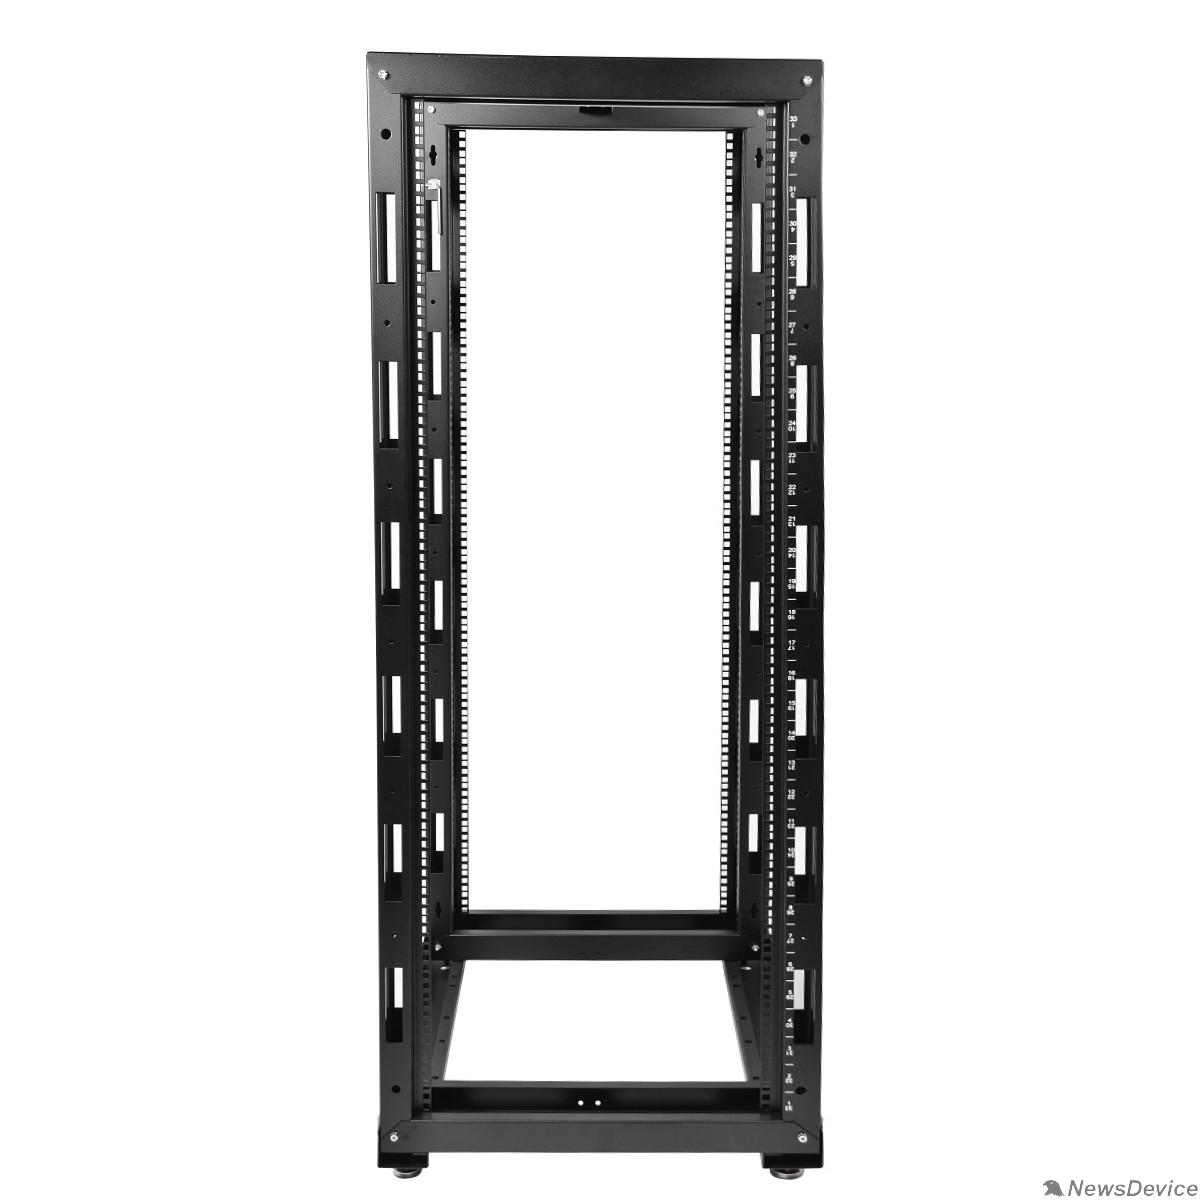 Монтажное оборудование ЦМО Стойка телекоммуникационная универсальная 38U двухрамная,цвет черный (СТК-38.2-9005) (1коробка)